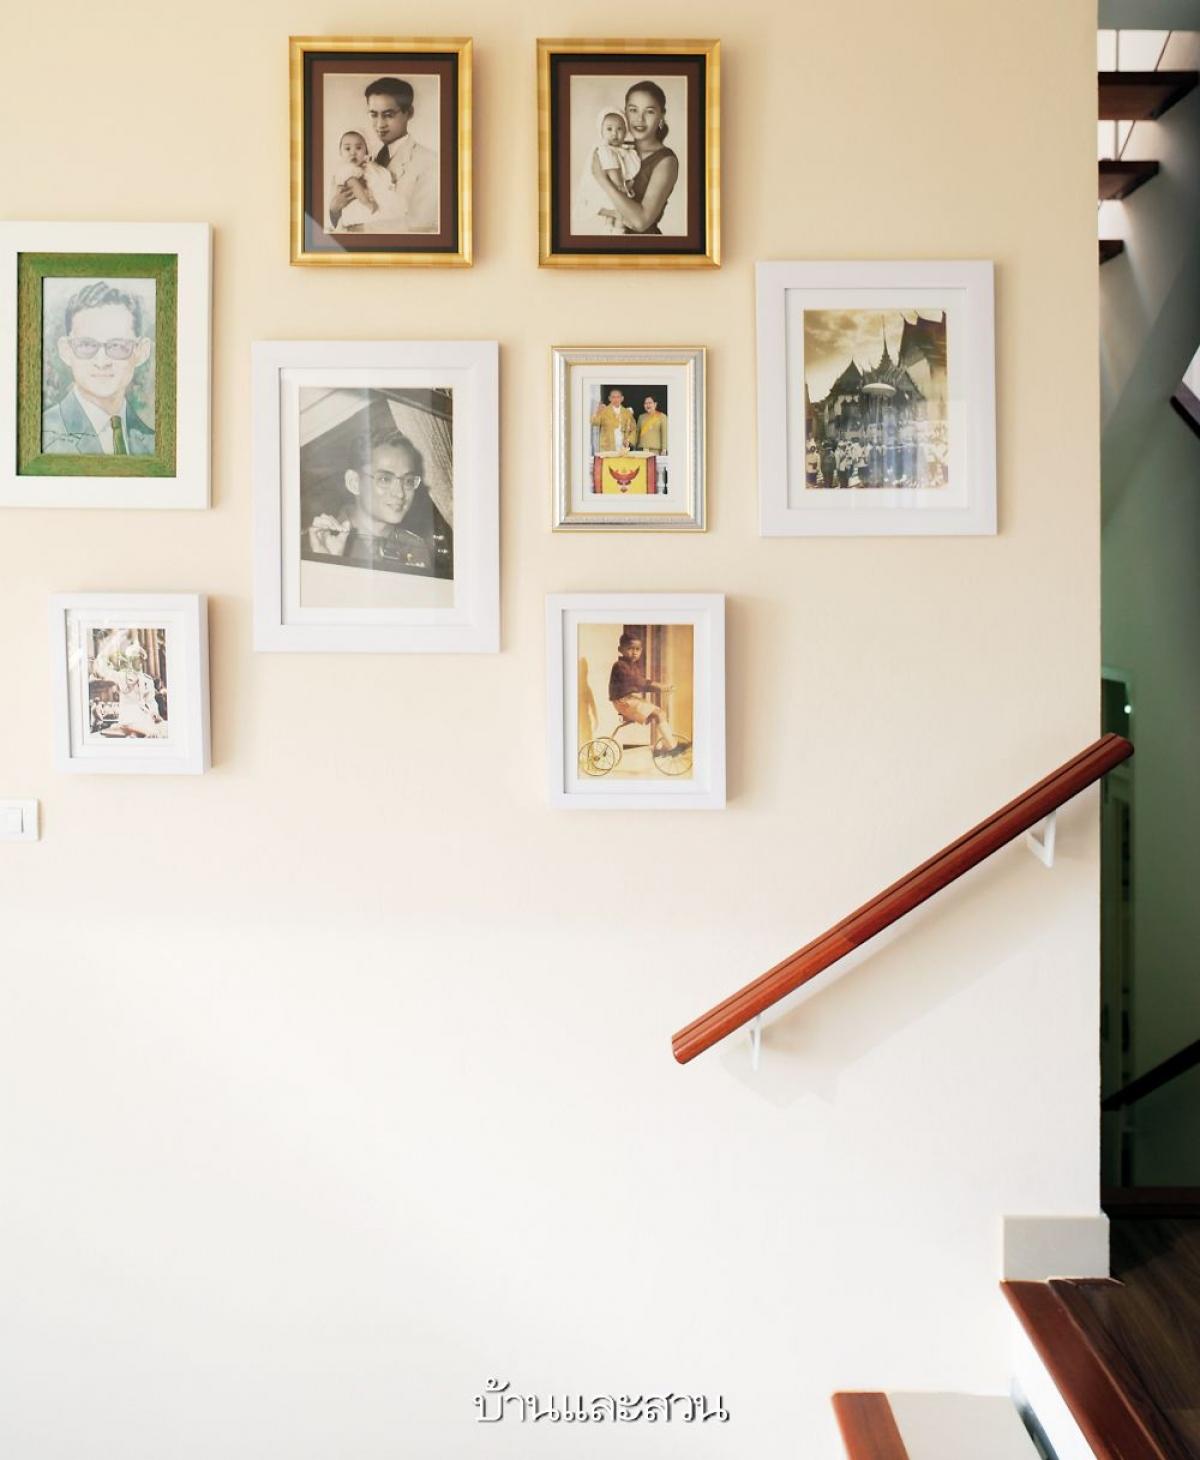 Thay vì treo các bức tranh nghệ thuật thì ở đây được sử dụng những bức ảnh chân dung của các thành viên trong gia đình.